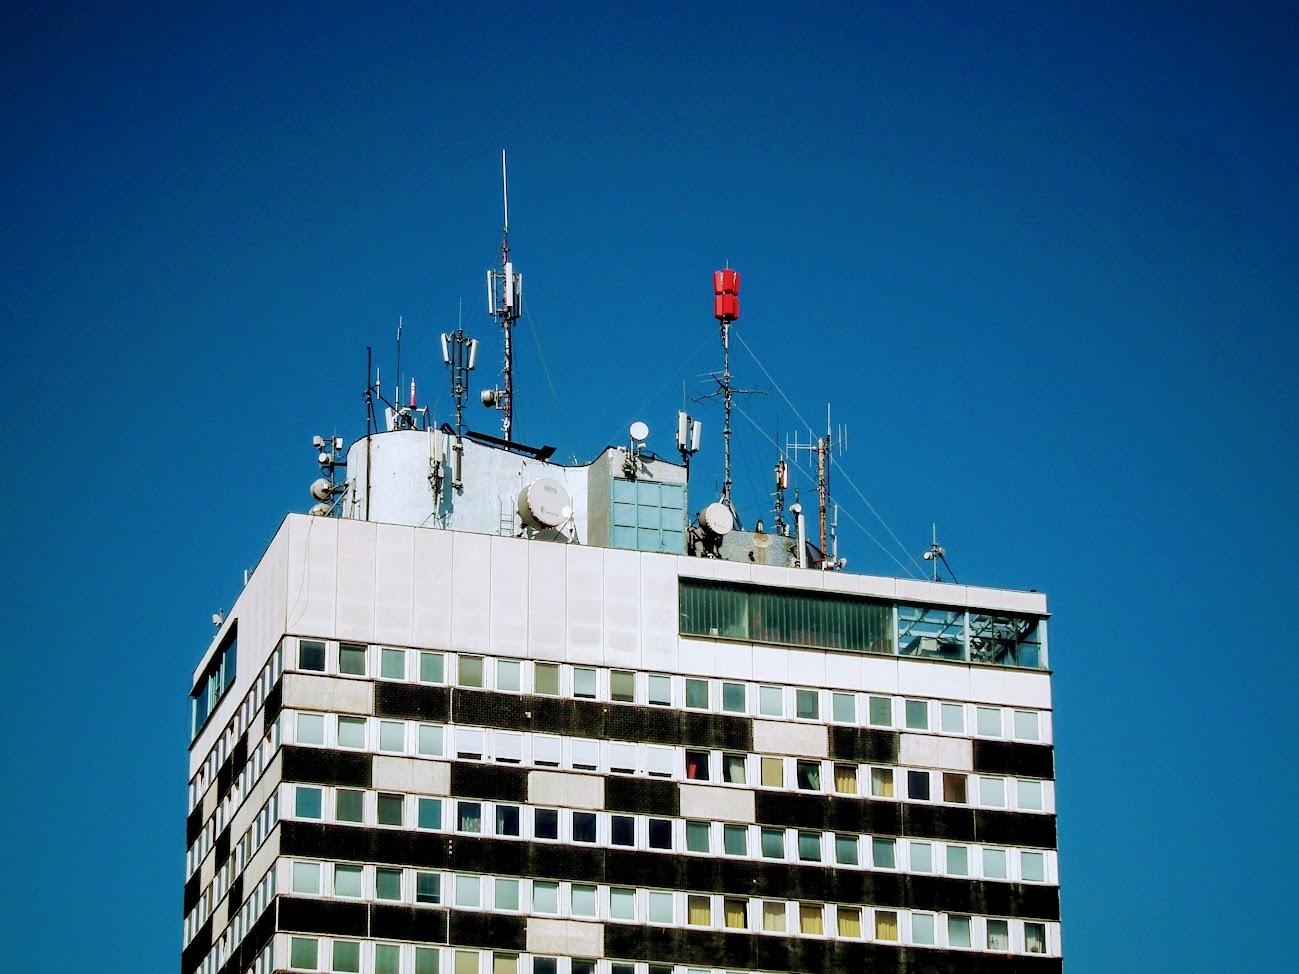 Veszprém/20 em. toronyház - DVB-T gapfiller+helyi URH-FM adóállomás